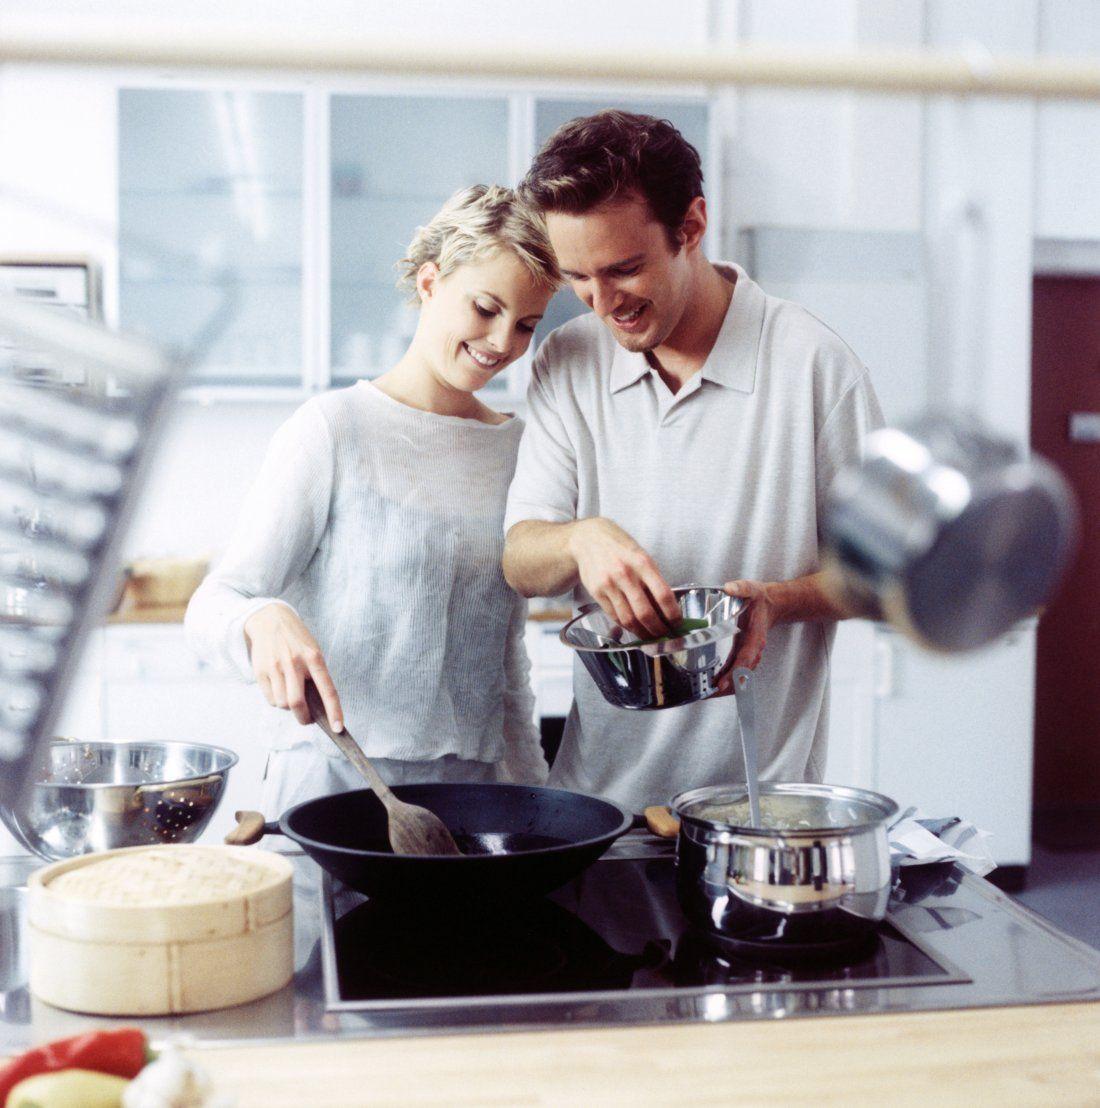 Resultado de imagen para imagenes pareja cocinando